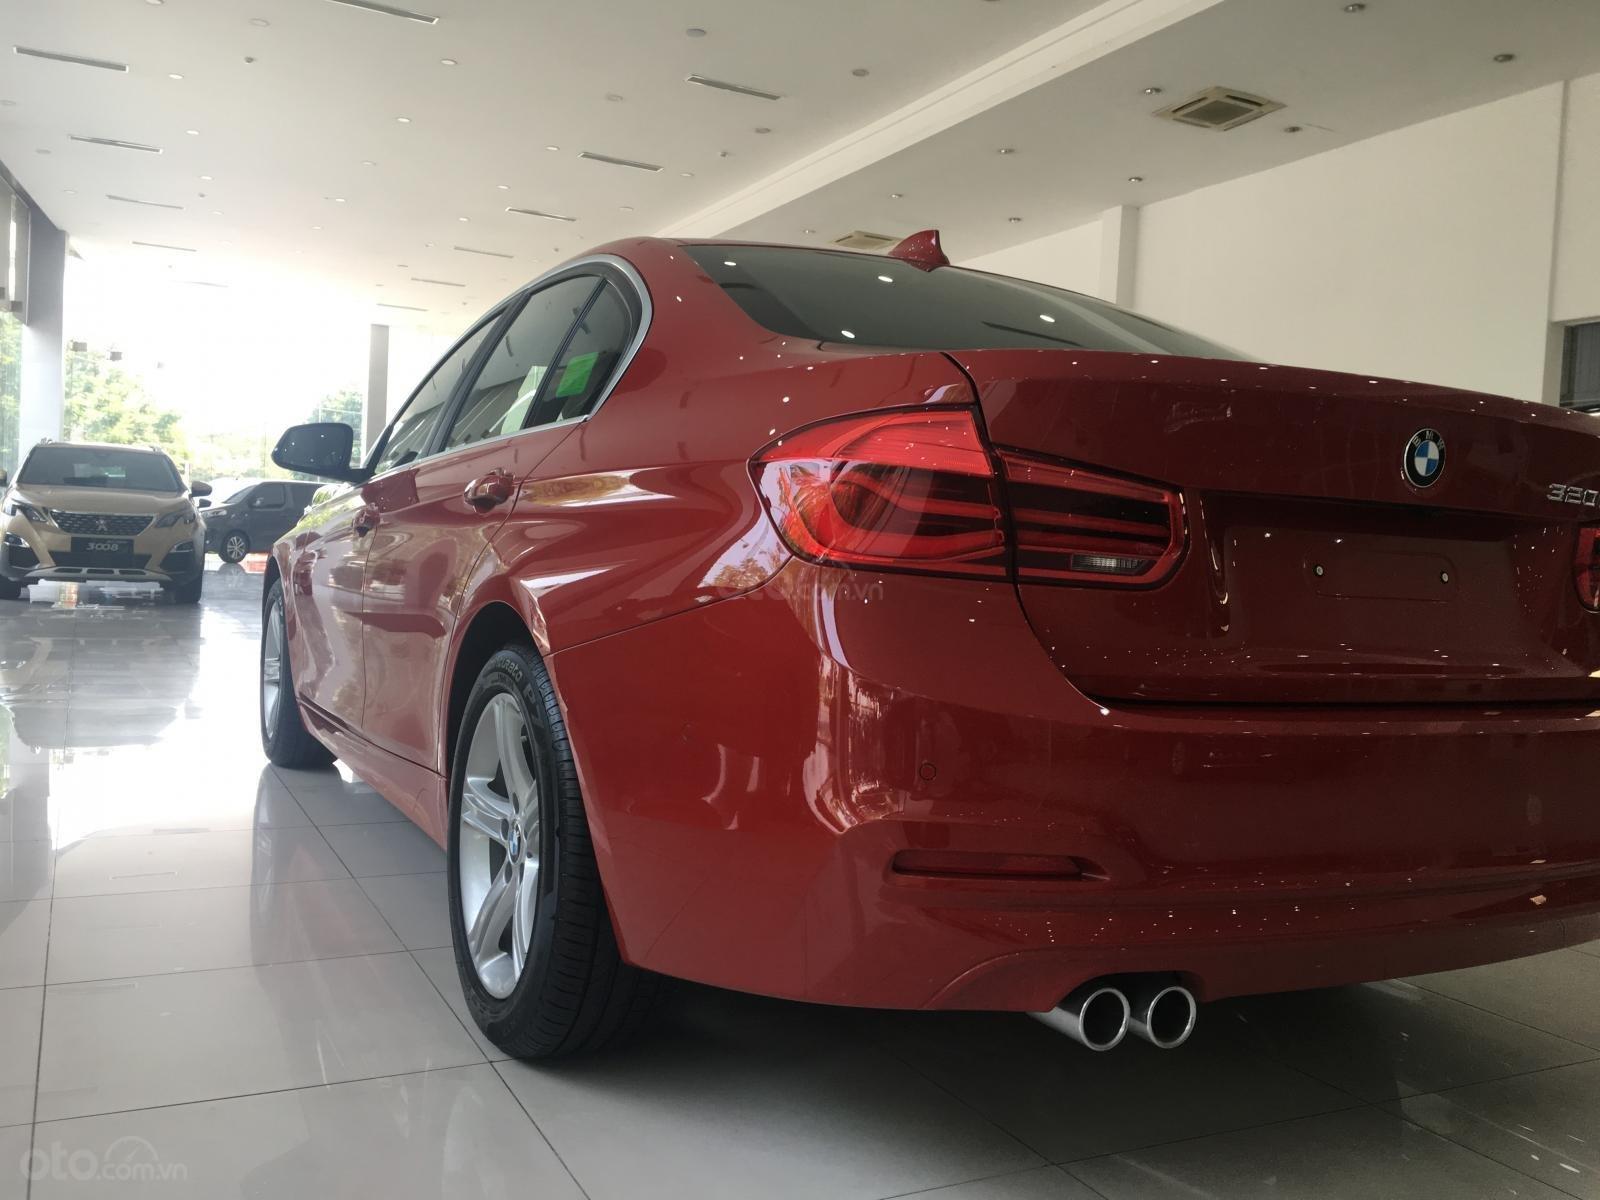 Ưu đãi 16% giá xe BMW 320i - xe có sẵn - giao xe ngay (10)